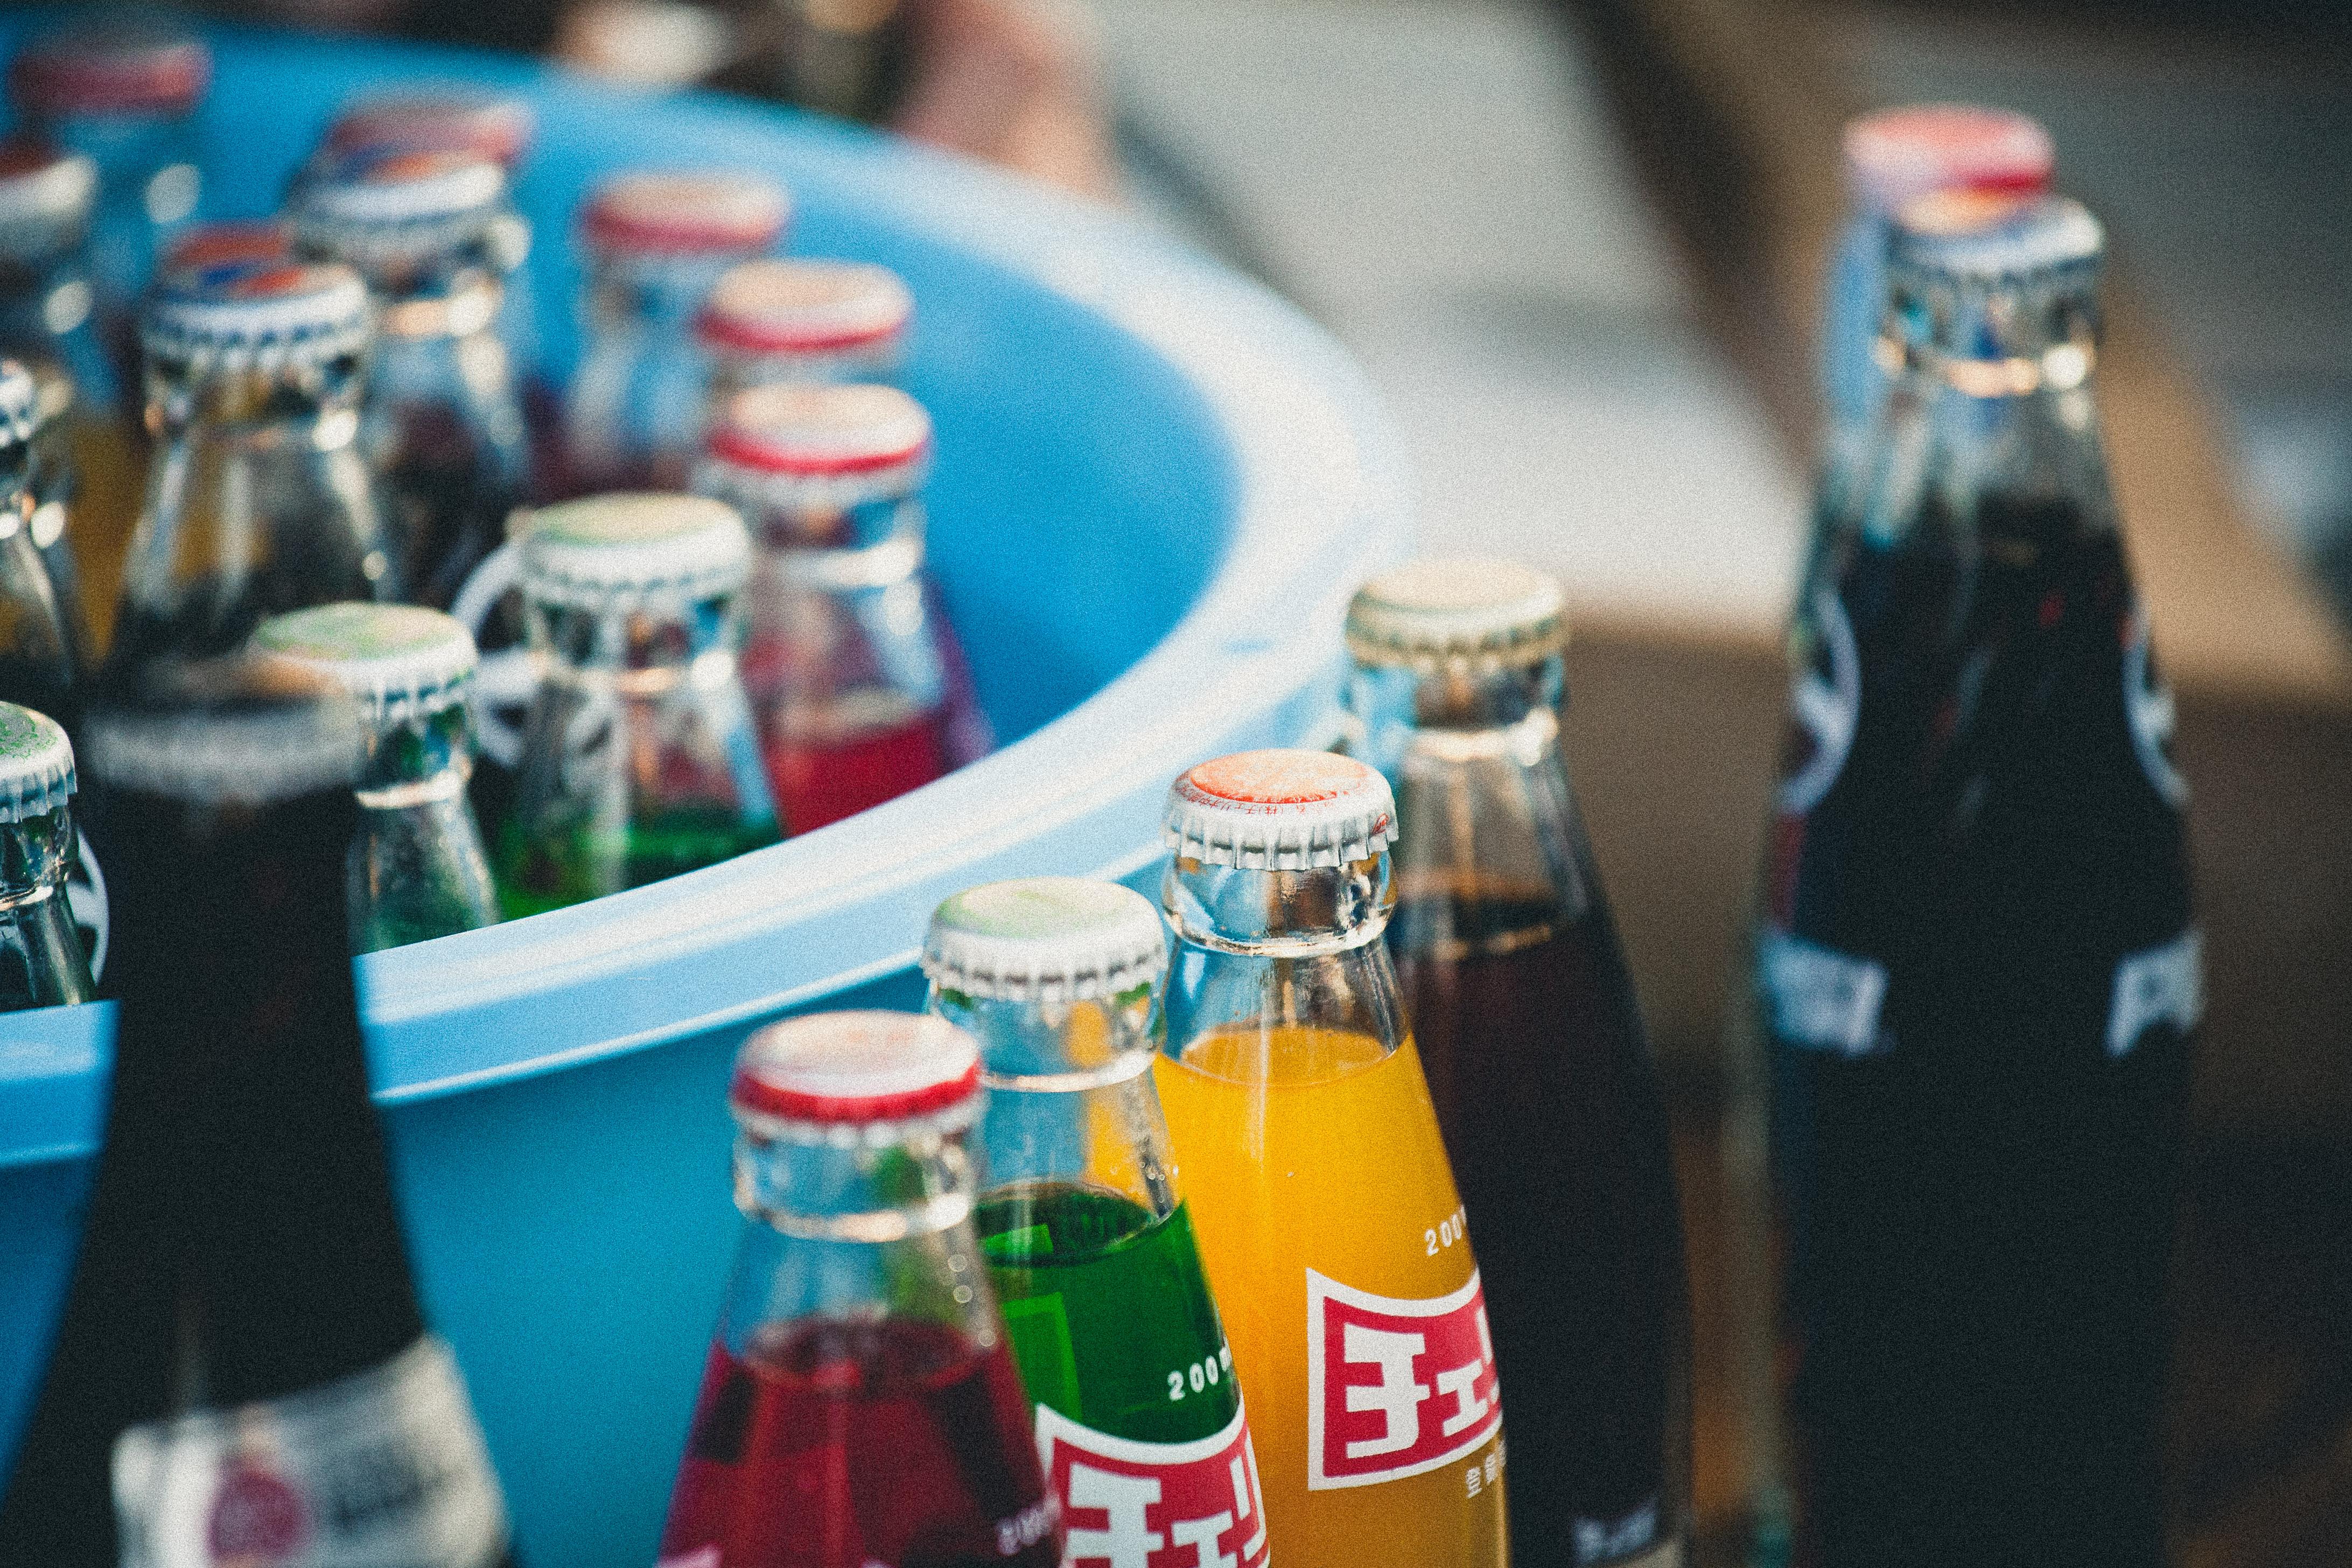 98158 Заставки и Обои Напитки на телефон. Скачать Еда, Напитки, Бутылки, Газировка картинки бесплатно